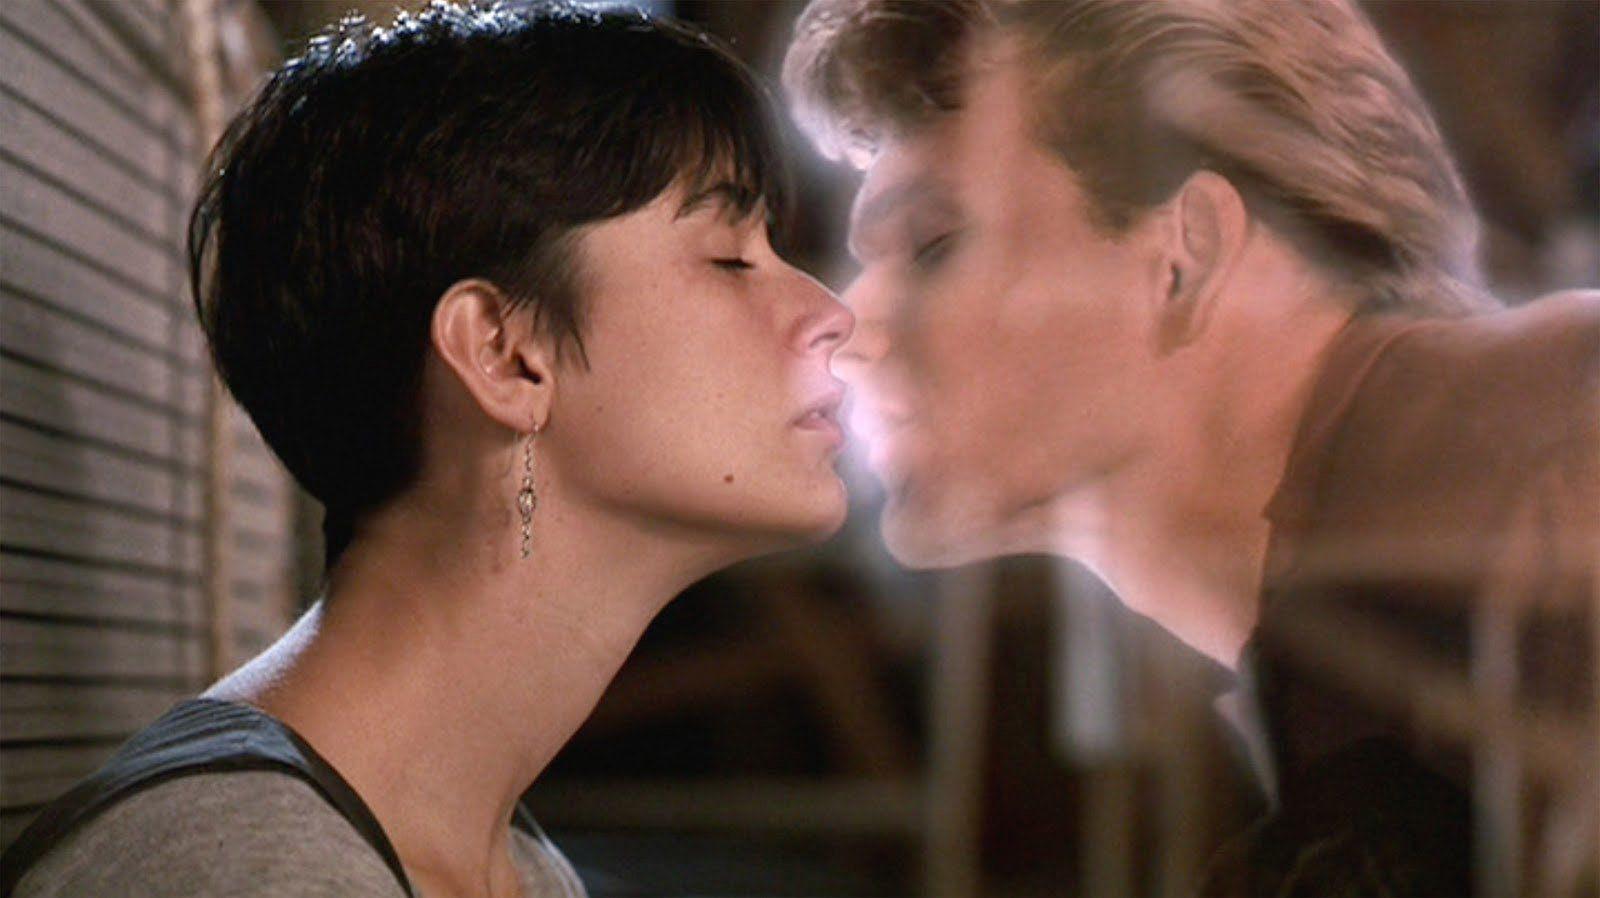 Giornata Internazionale del Bacio - una scena di Ghost con Demi Moore e Patrick Swayze